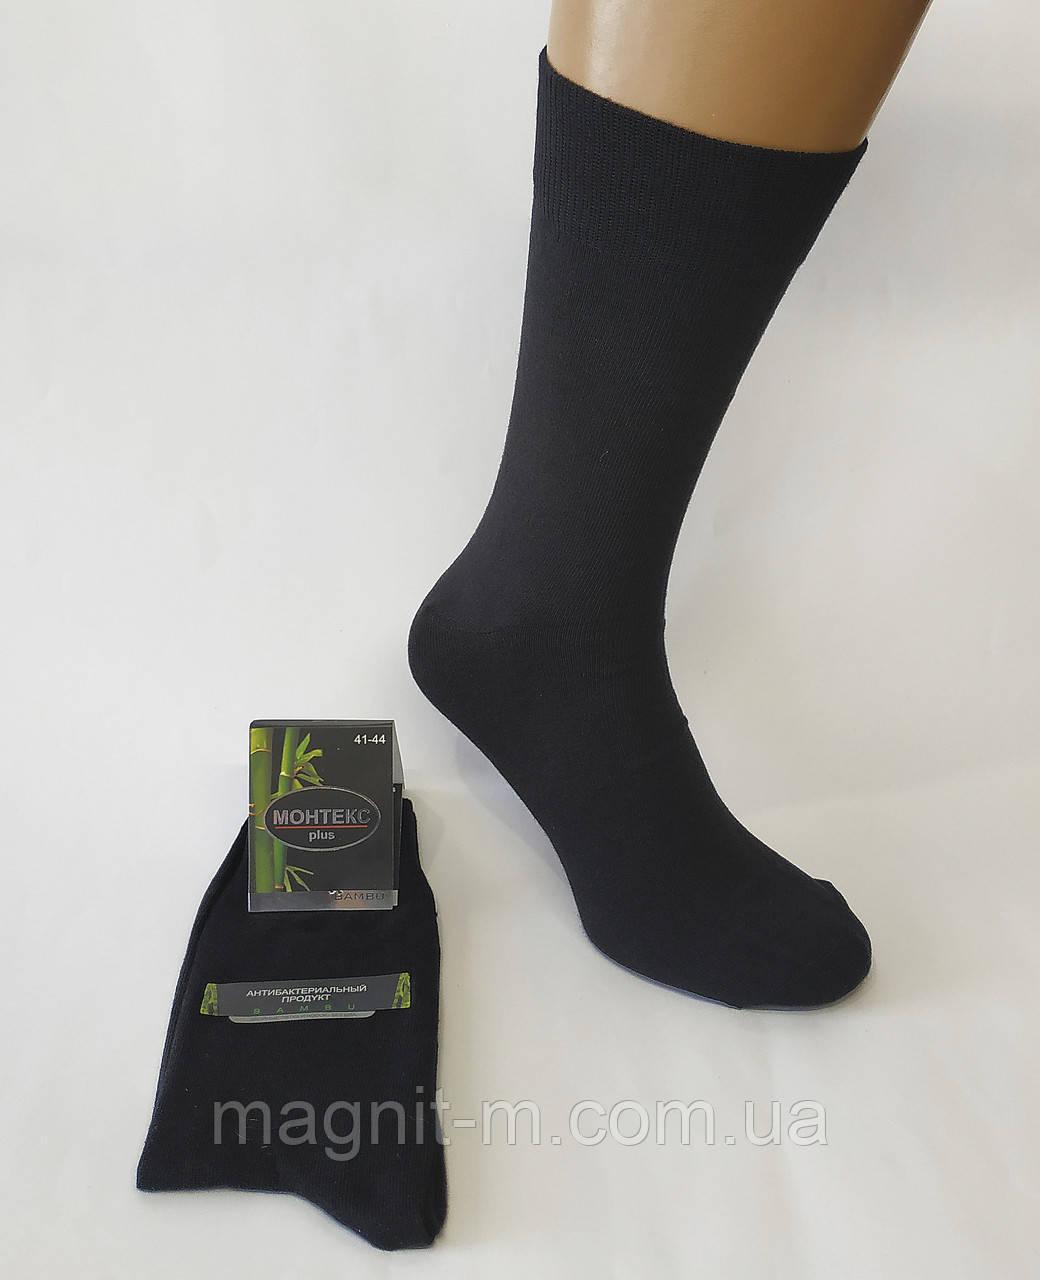 """Мужские стрейчевые носки """"Монтекс plus"""". Турция.  Черные. Р-р 41-44."""